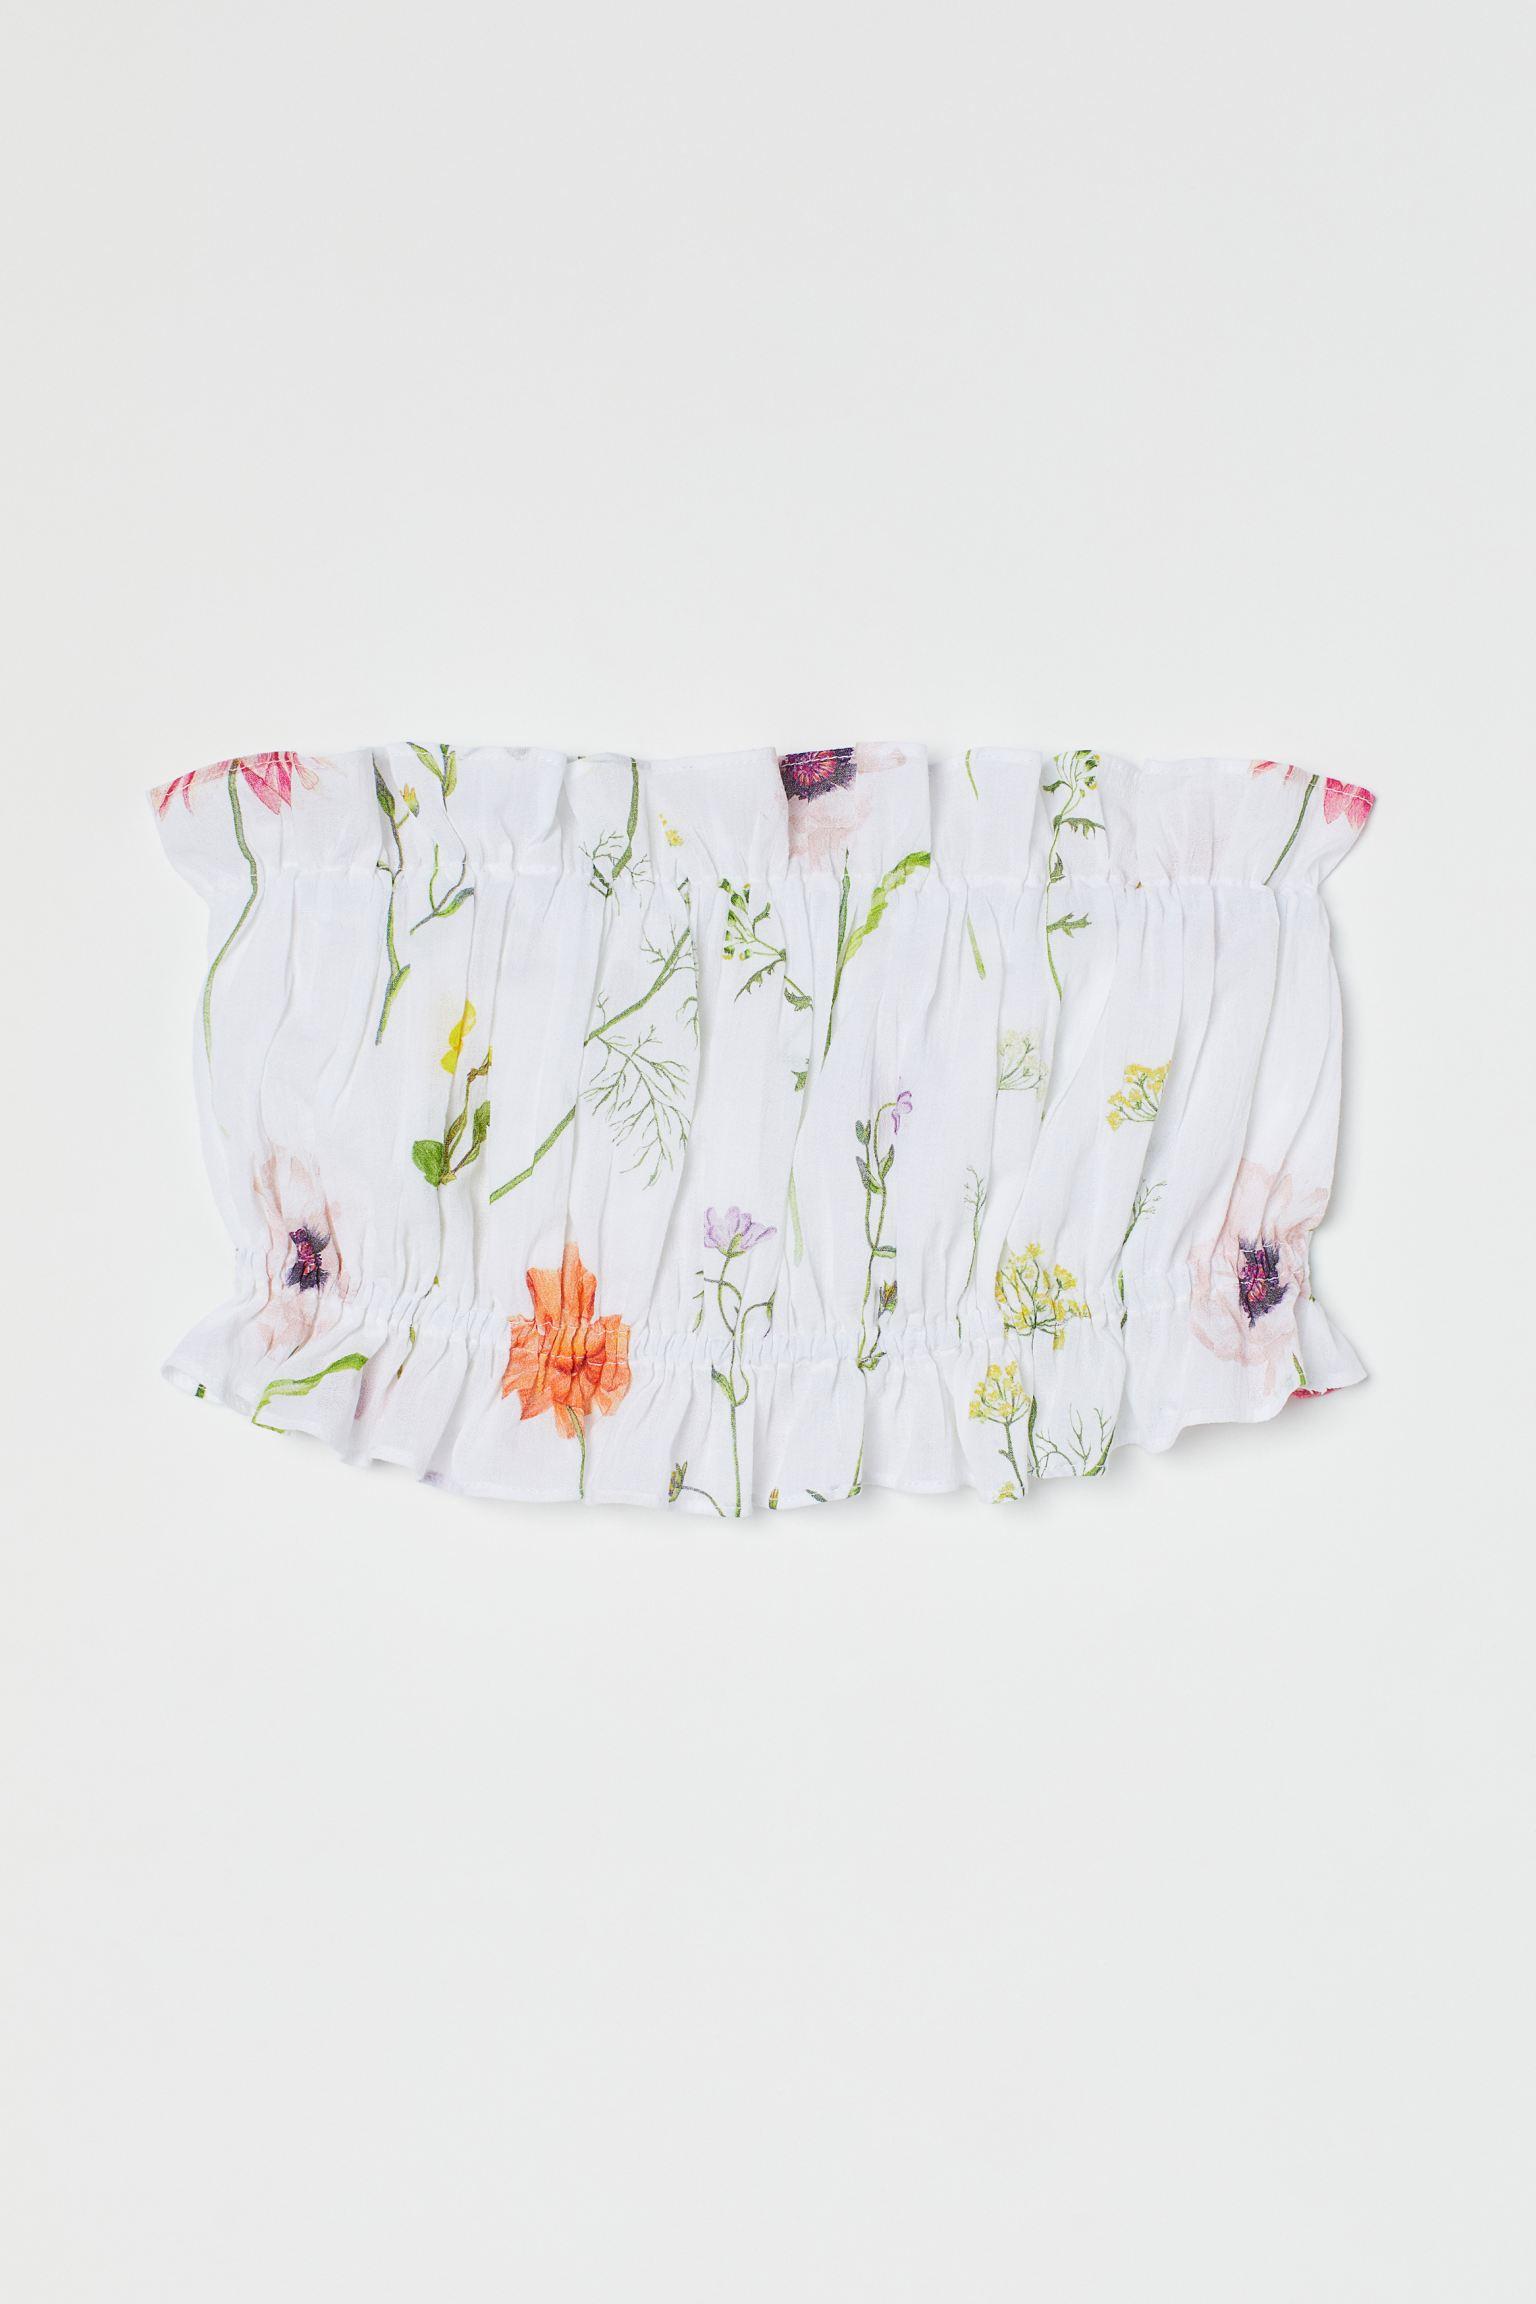 Top de tubo cropped en gasa ligera de algodón con costuras fruncidas para un efecto ligeramente drapeado. Elástico con ribete de volante en escote y bajo. Forrado. Confeccionada en algodón orgánico, esta prenda forma parte de nuestra colección de flores silvestres pintadas a mano.